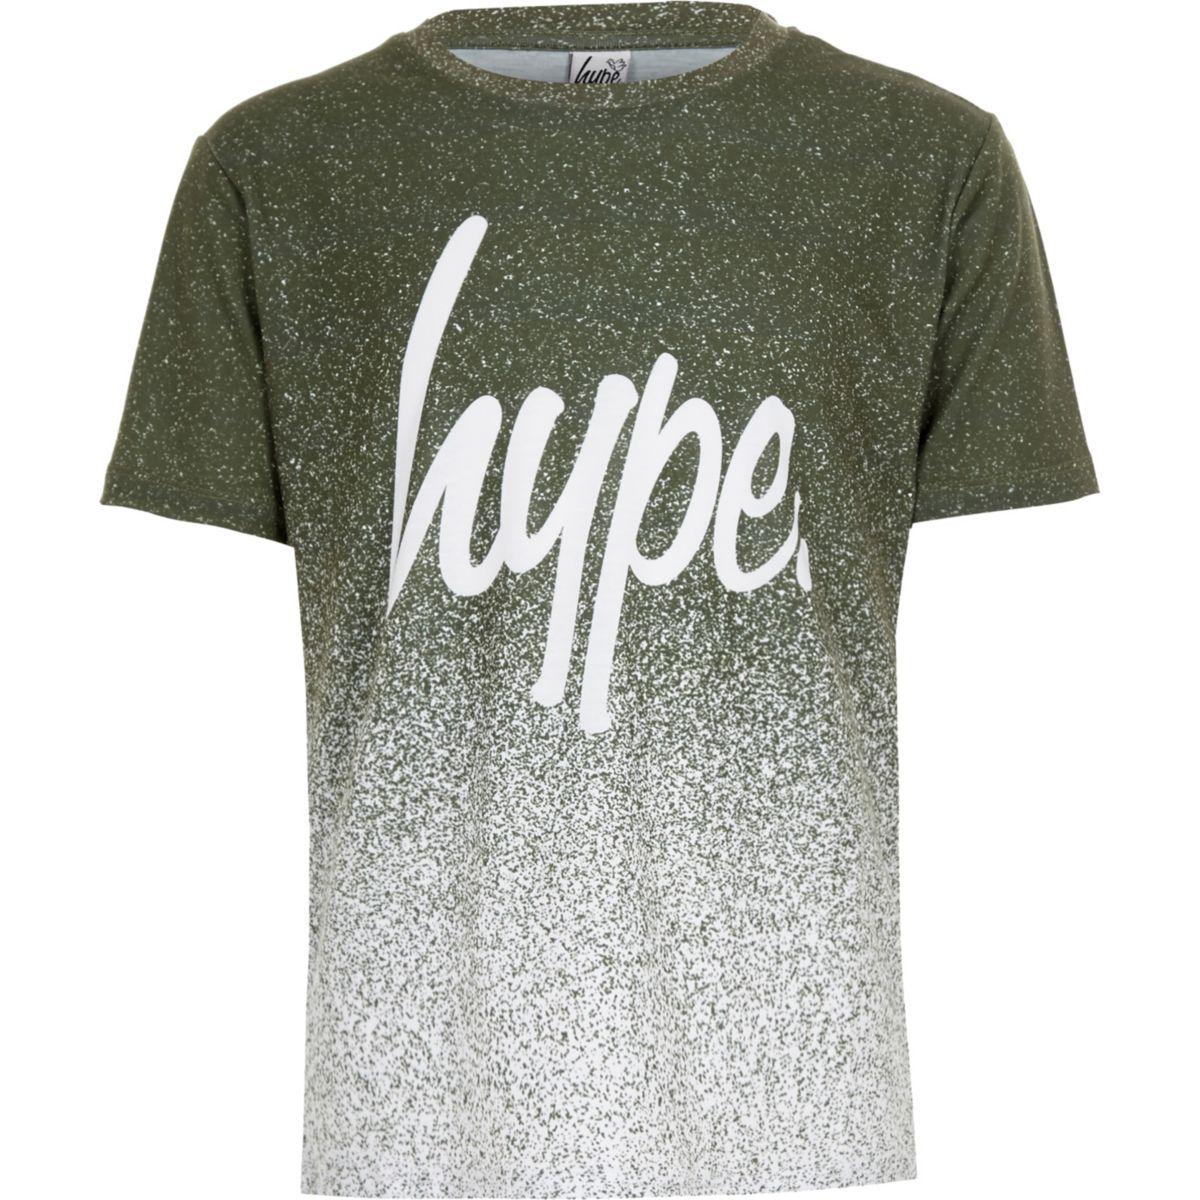 Boys Hype khaki speckle fade T-shirt